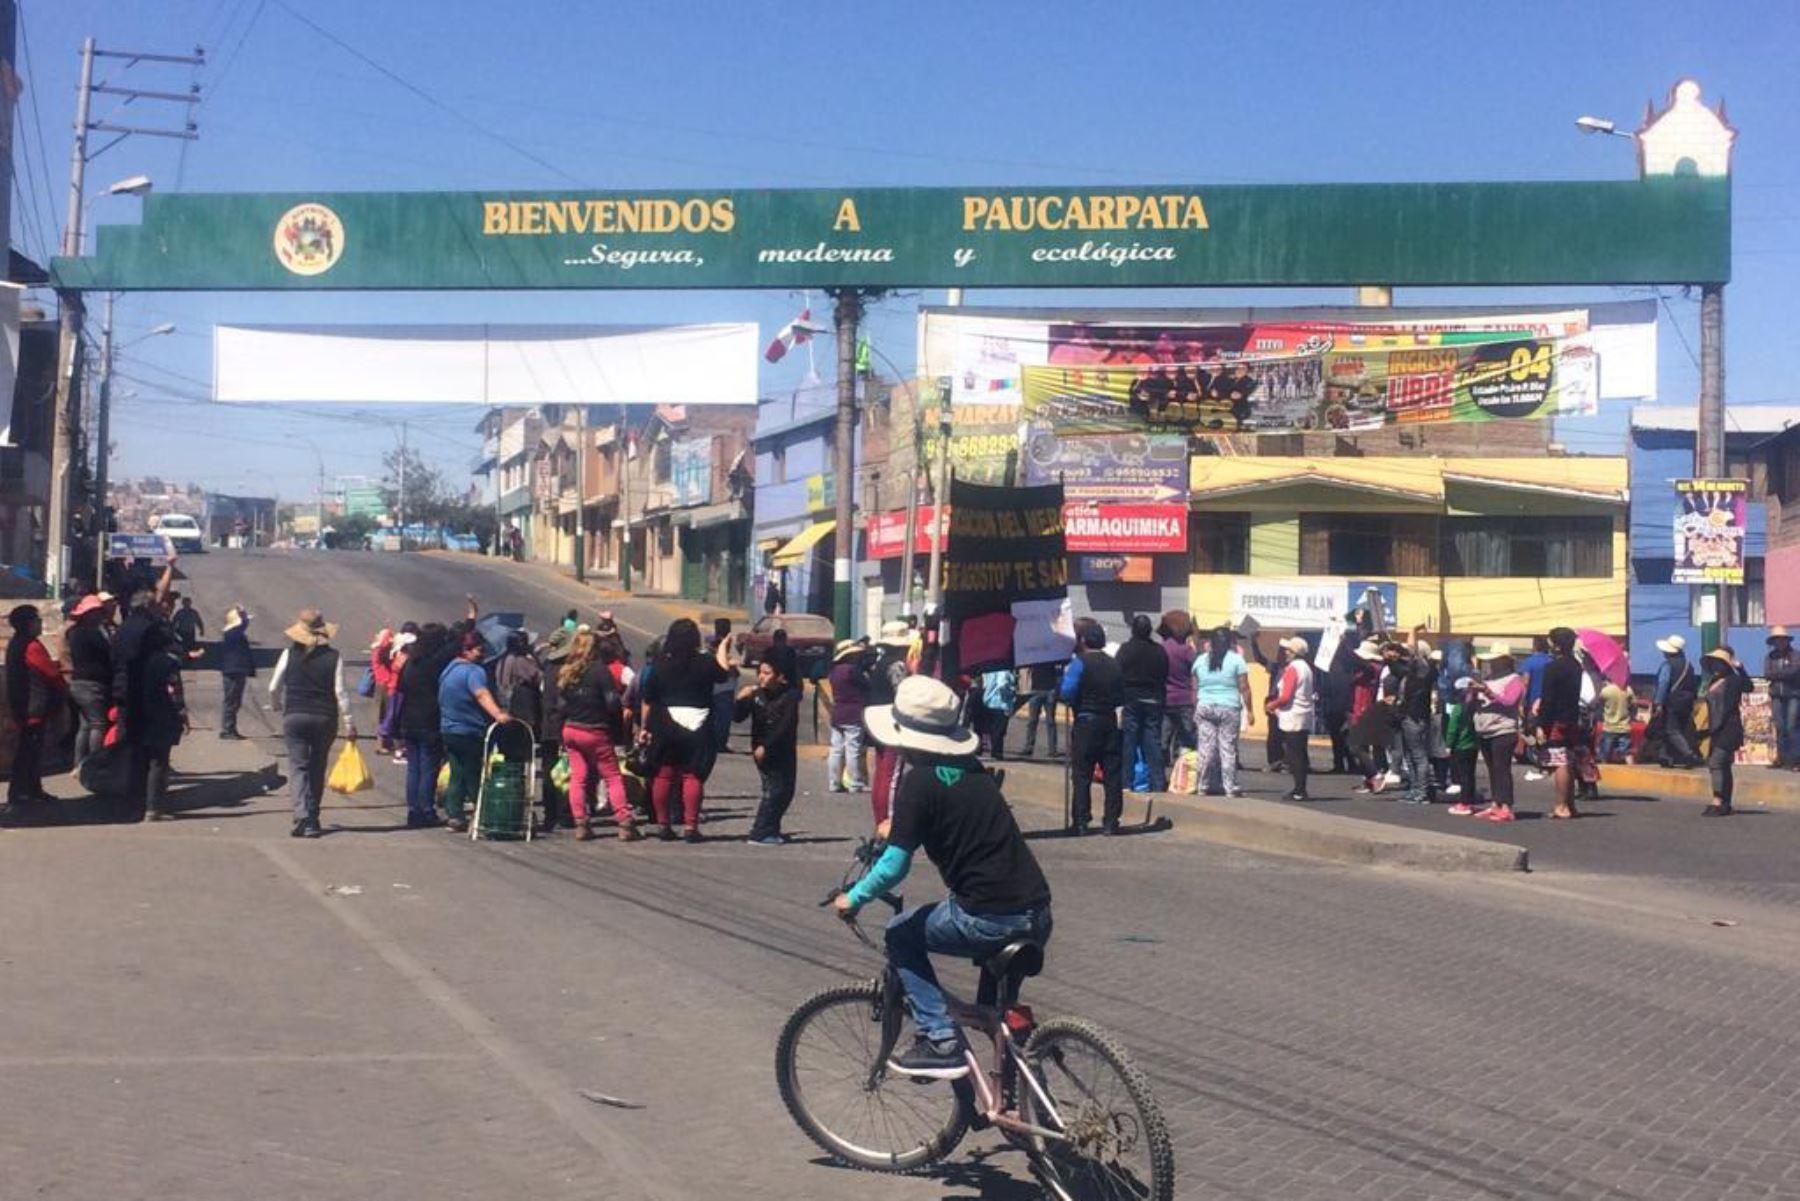 Varios tramos de la carretera Panamericana Sur, en Arequipa, fueron bloqueados por manifestantes que apoyan el paro contra el proyecto minero Tía María.